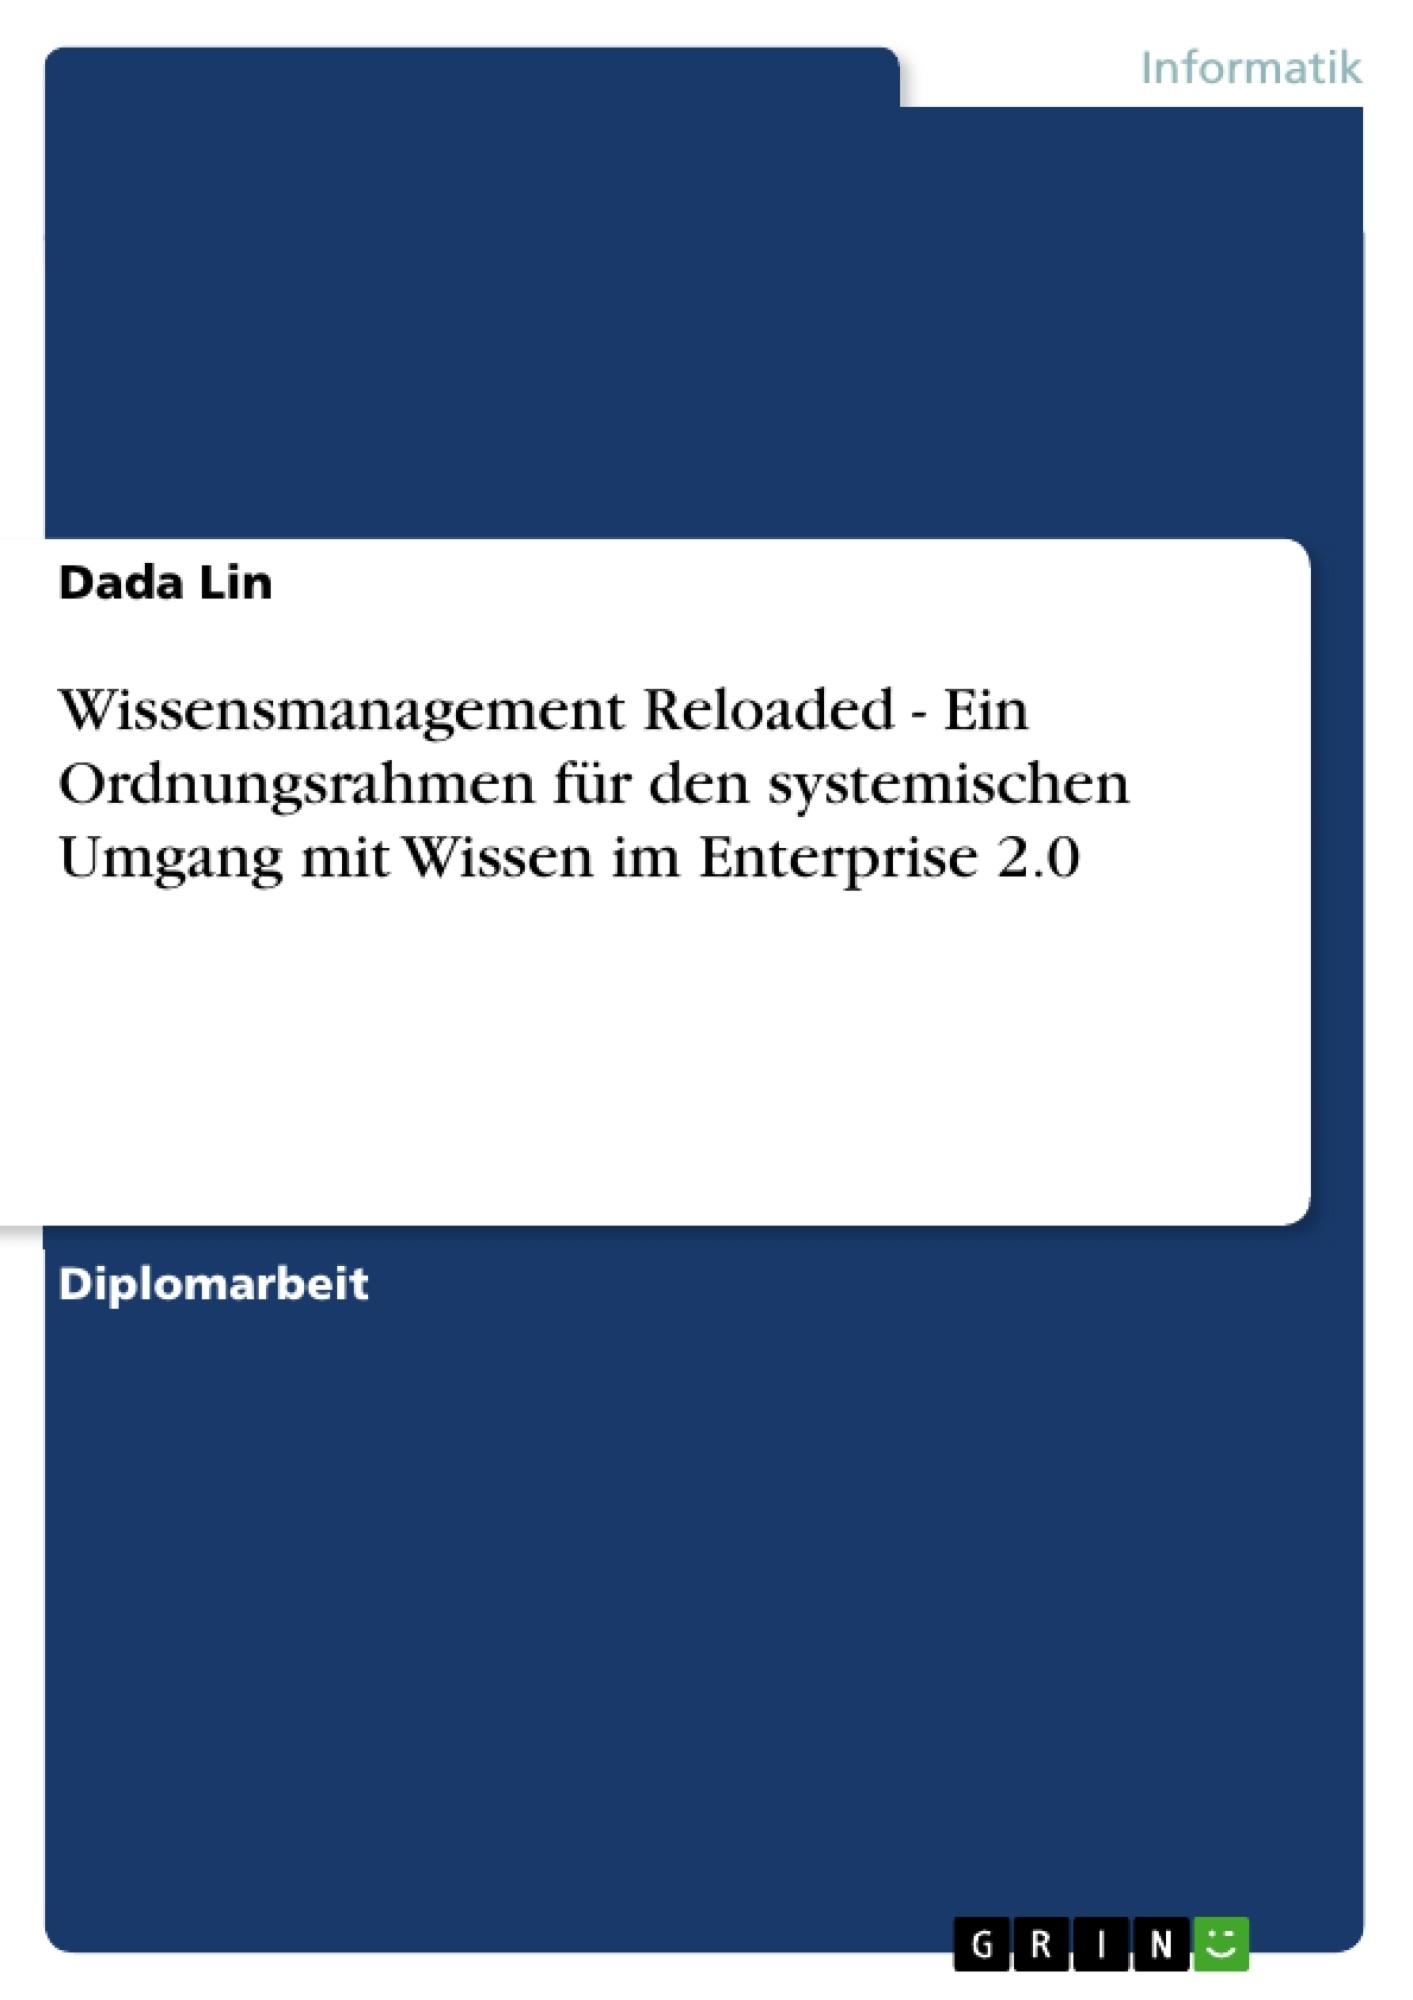 Titel: Wissensmanagement Reloaded - Ein Ordnungsrahmen für den systemischen Umgang mit Wissen im Enterprise 2.0